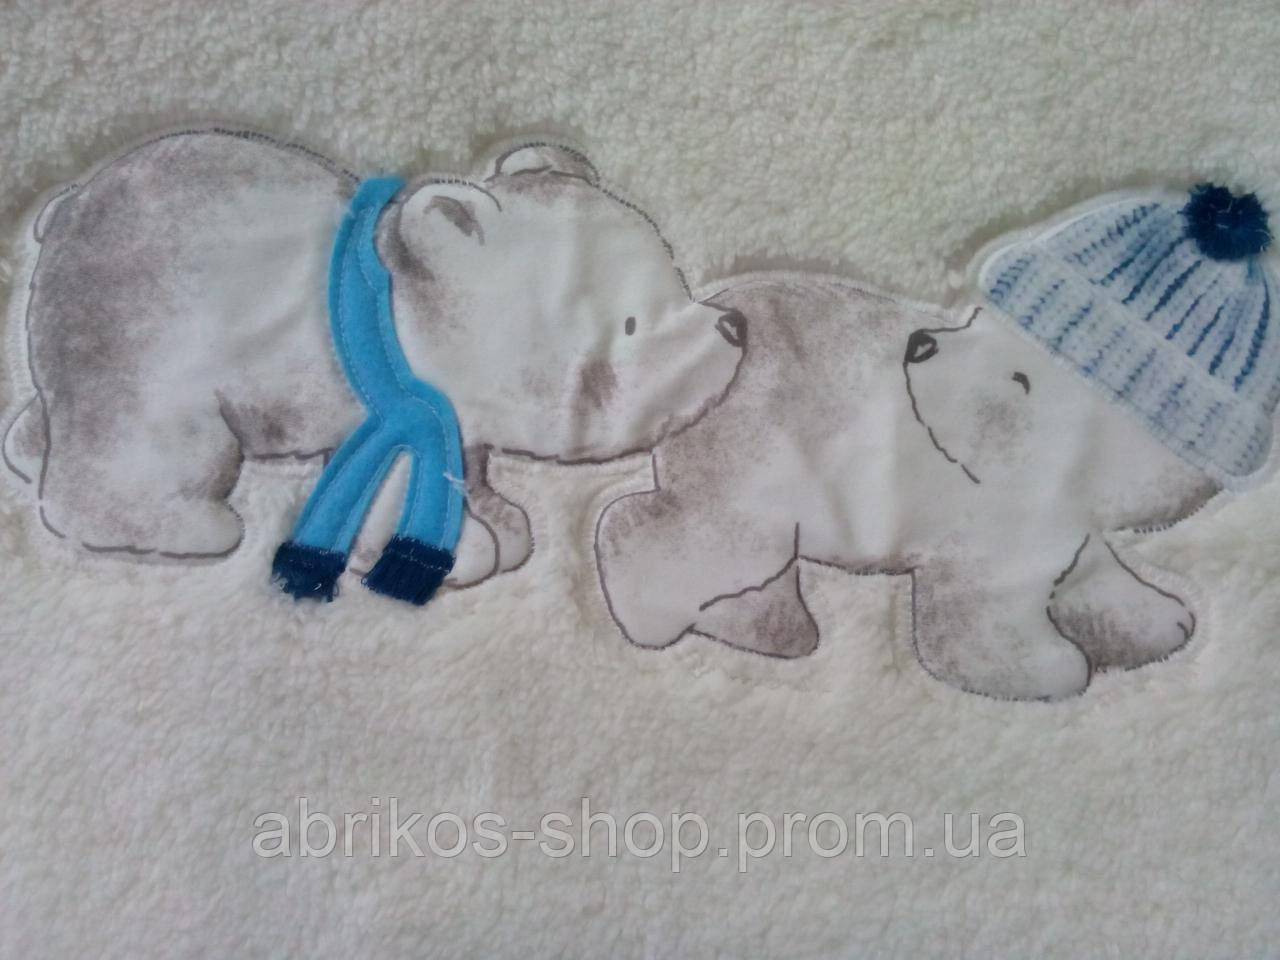 Плед   для новорожденного (Турция ))